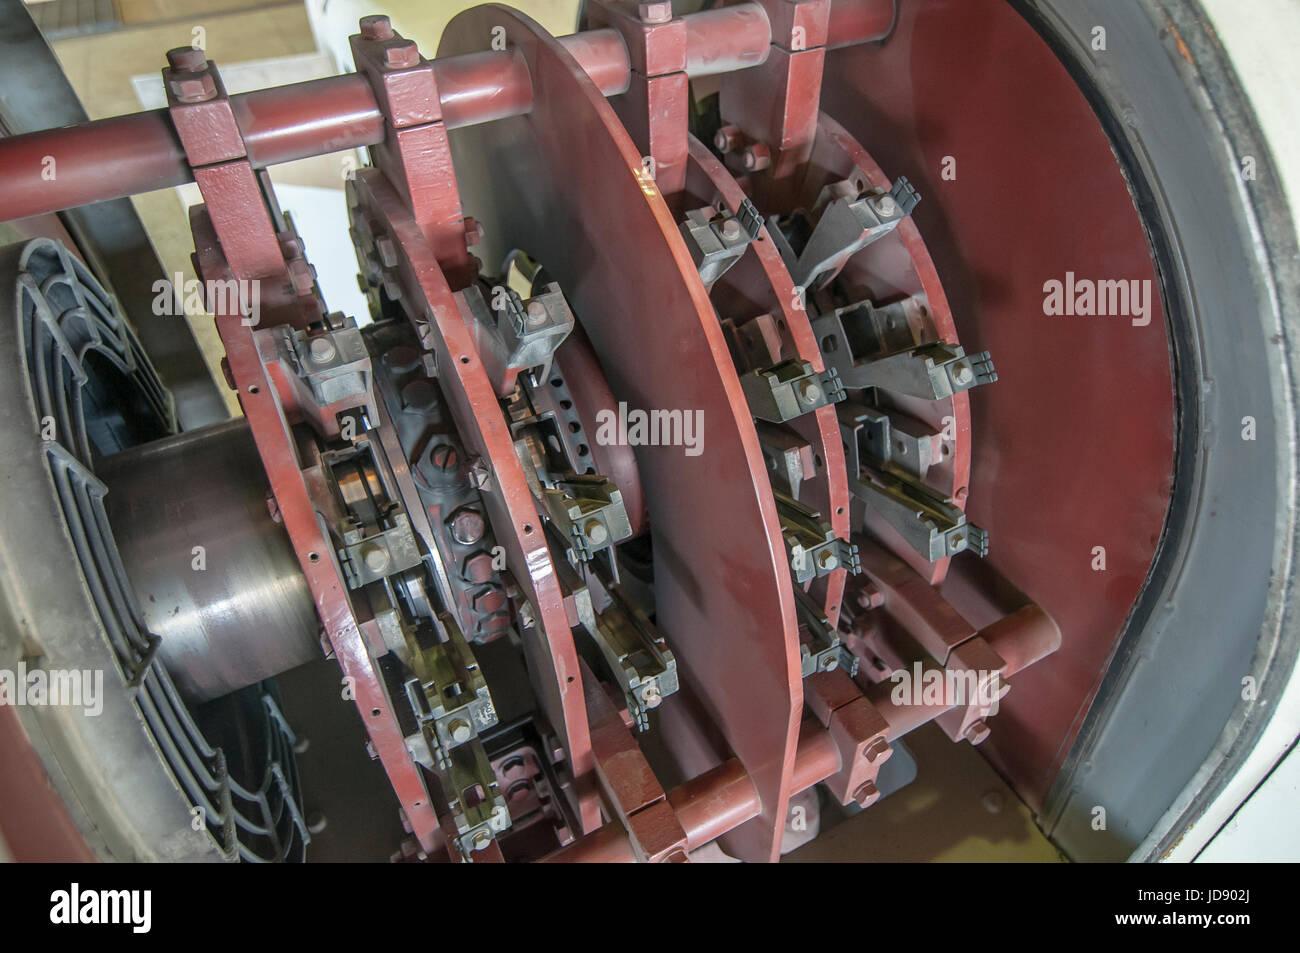 Puissance 110 MW Genarator brossages de carbone dans le cadre de son système d'Excitation, centrale géothermique Photo Stock